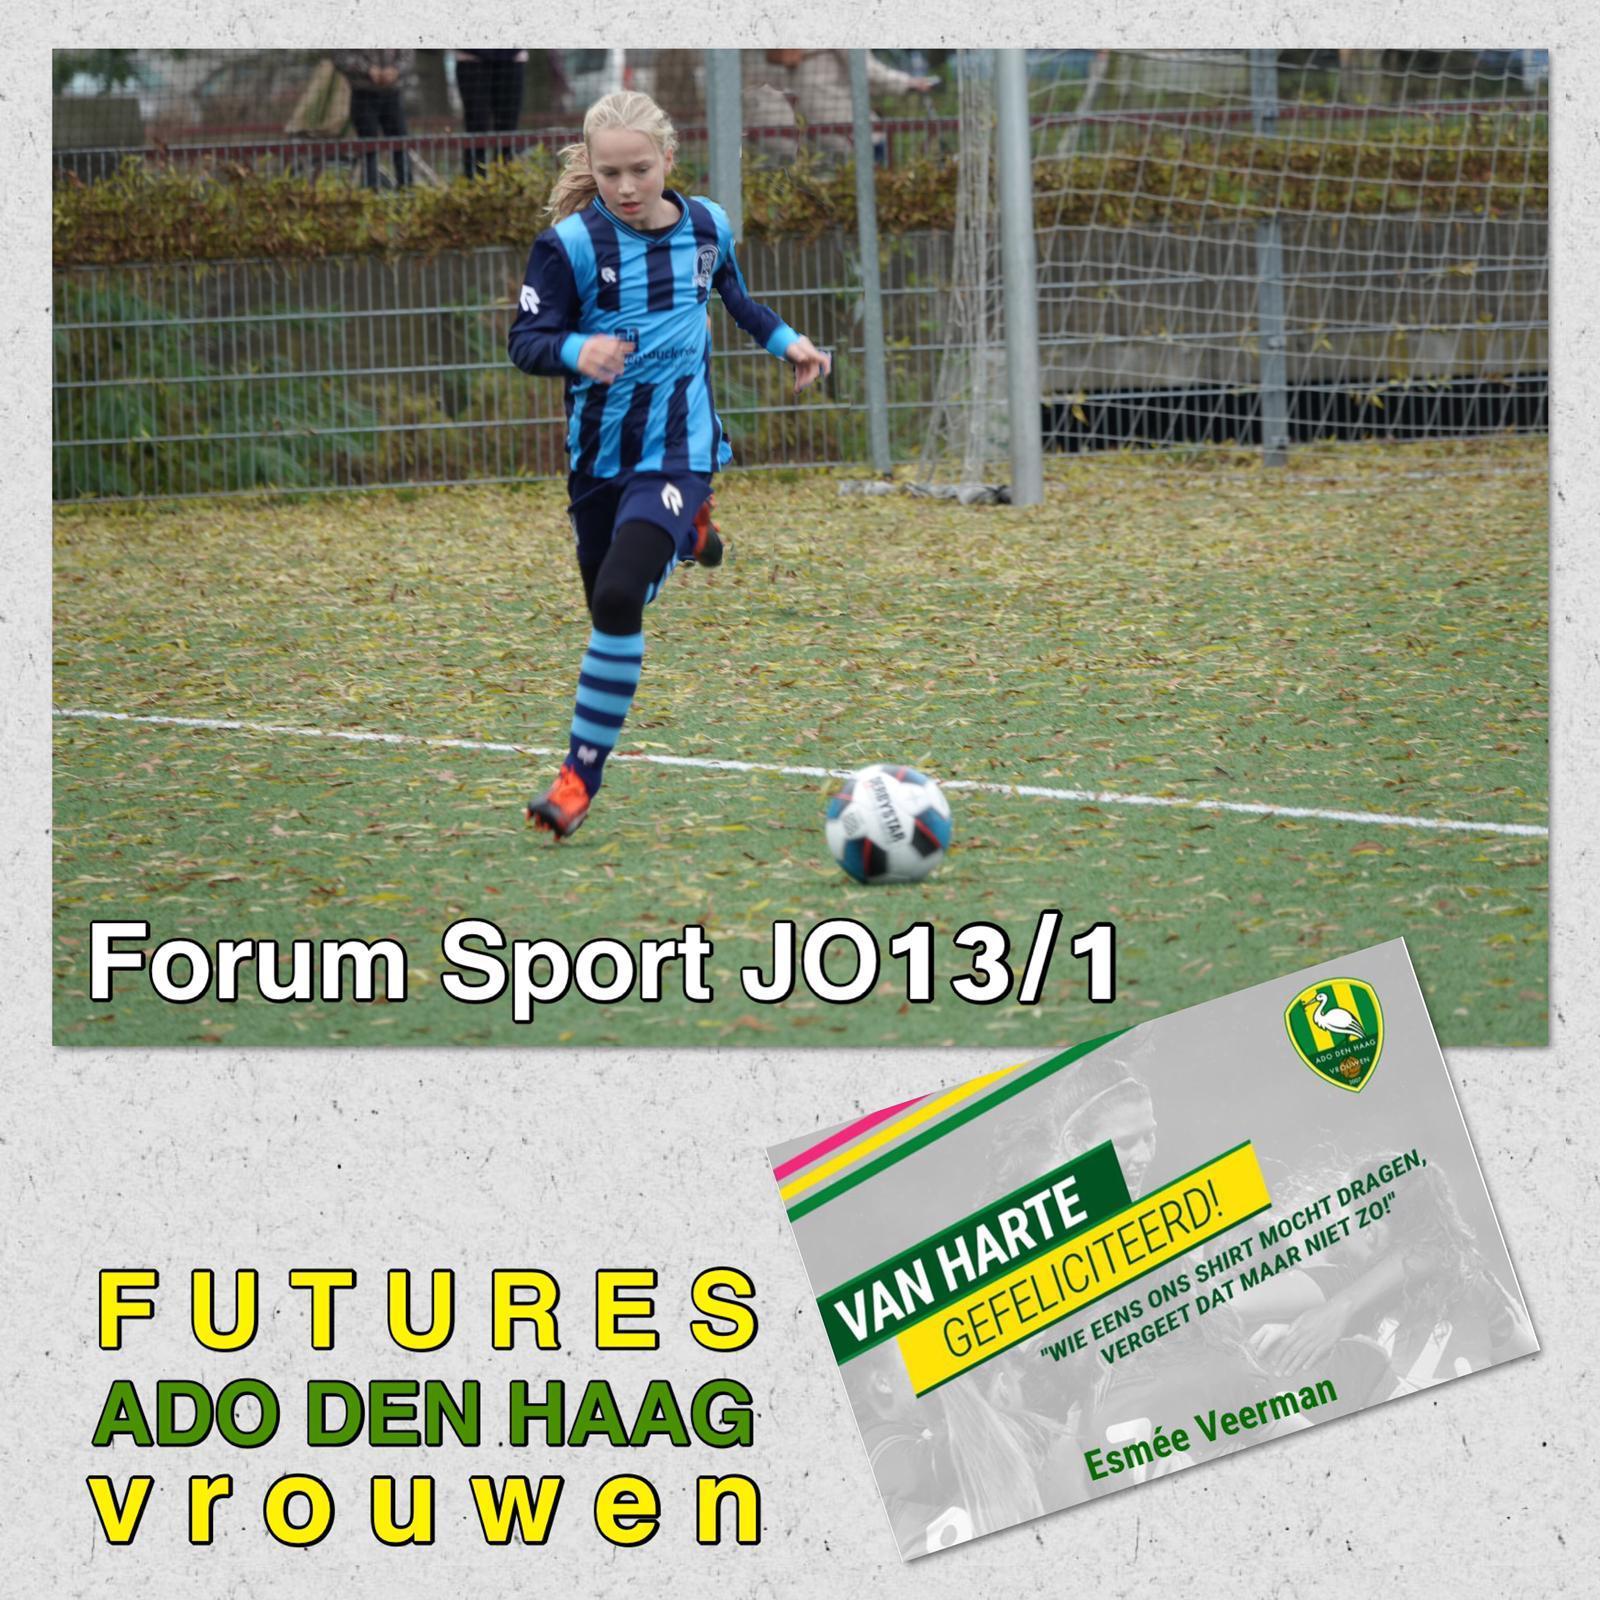 Esmée Veerman geselecteerd bij ADO Den Haag Futures